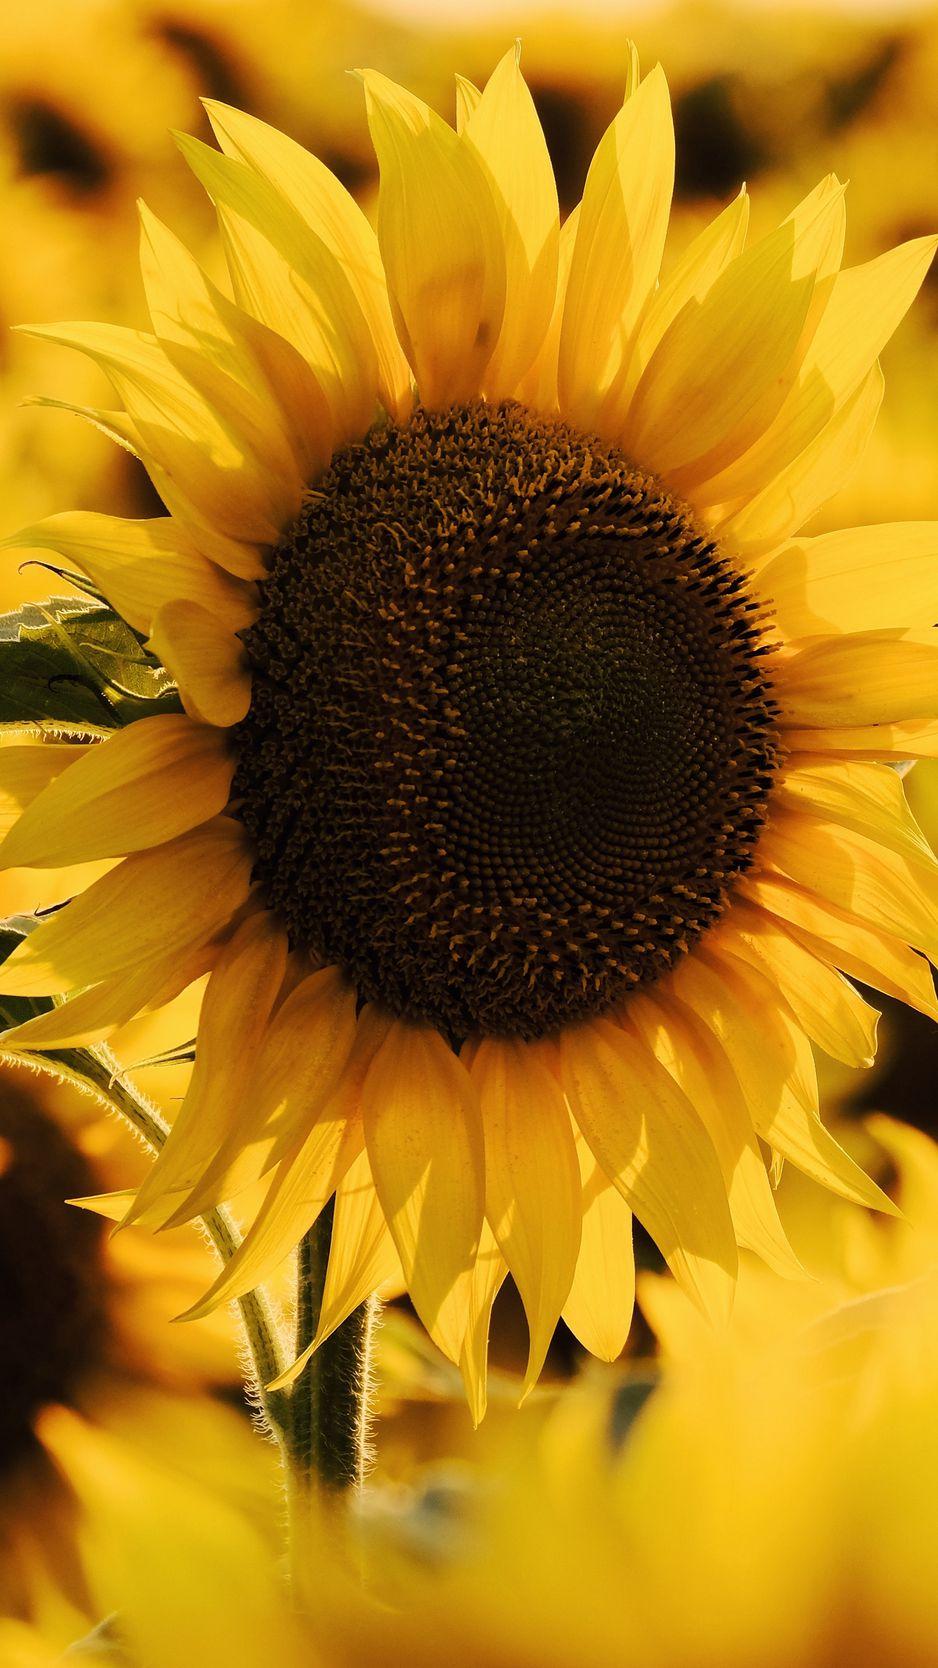 938x1668 Wallpaper sunflower, yellow flower, blossom, petals, macro